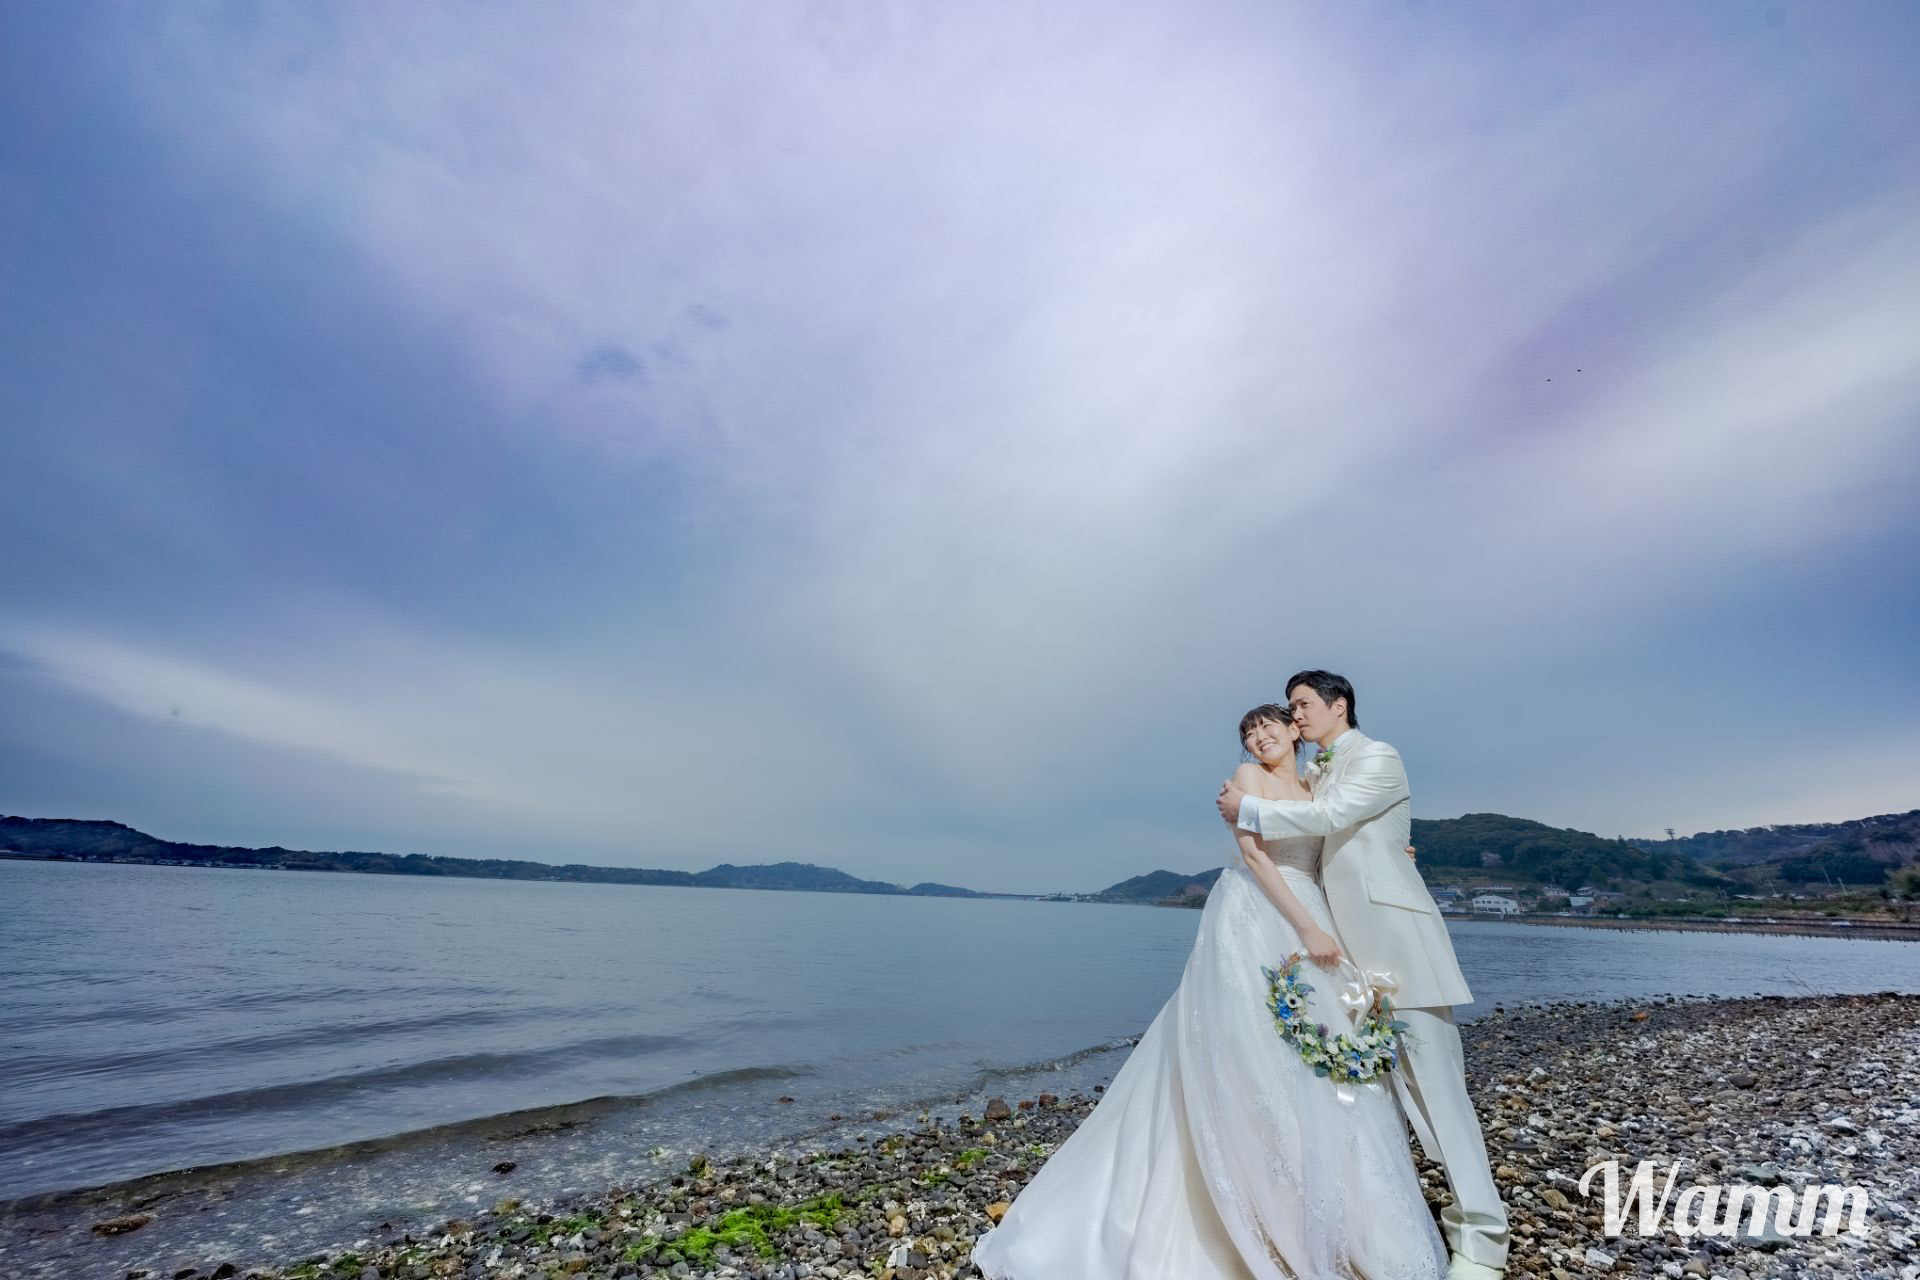 【浜名湖】宿泊付きモニタープラン チャペル&ロケーションフォト リゾートホテルに泊まって撮影しませんか?